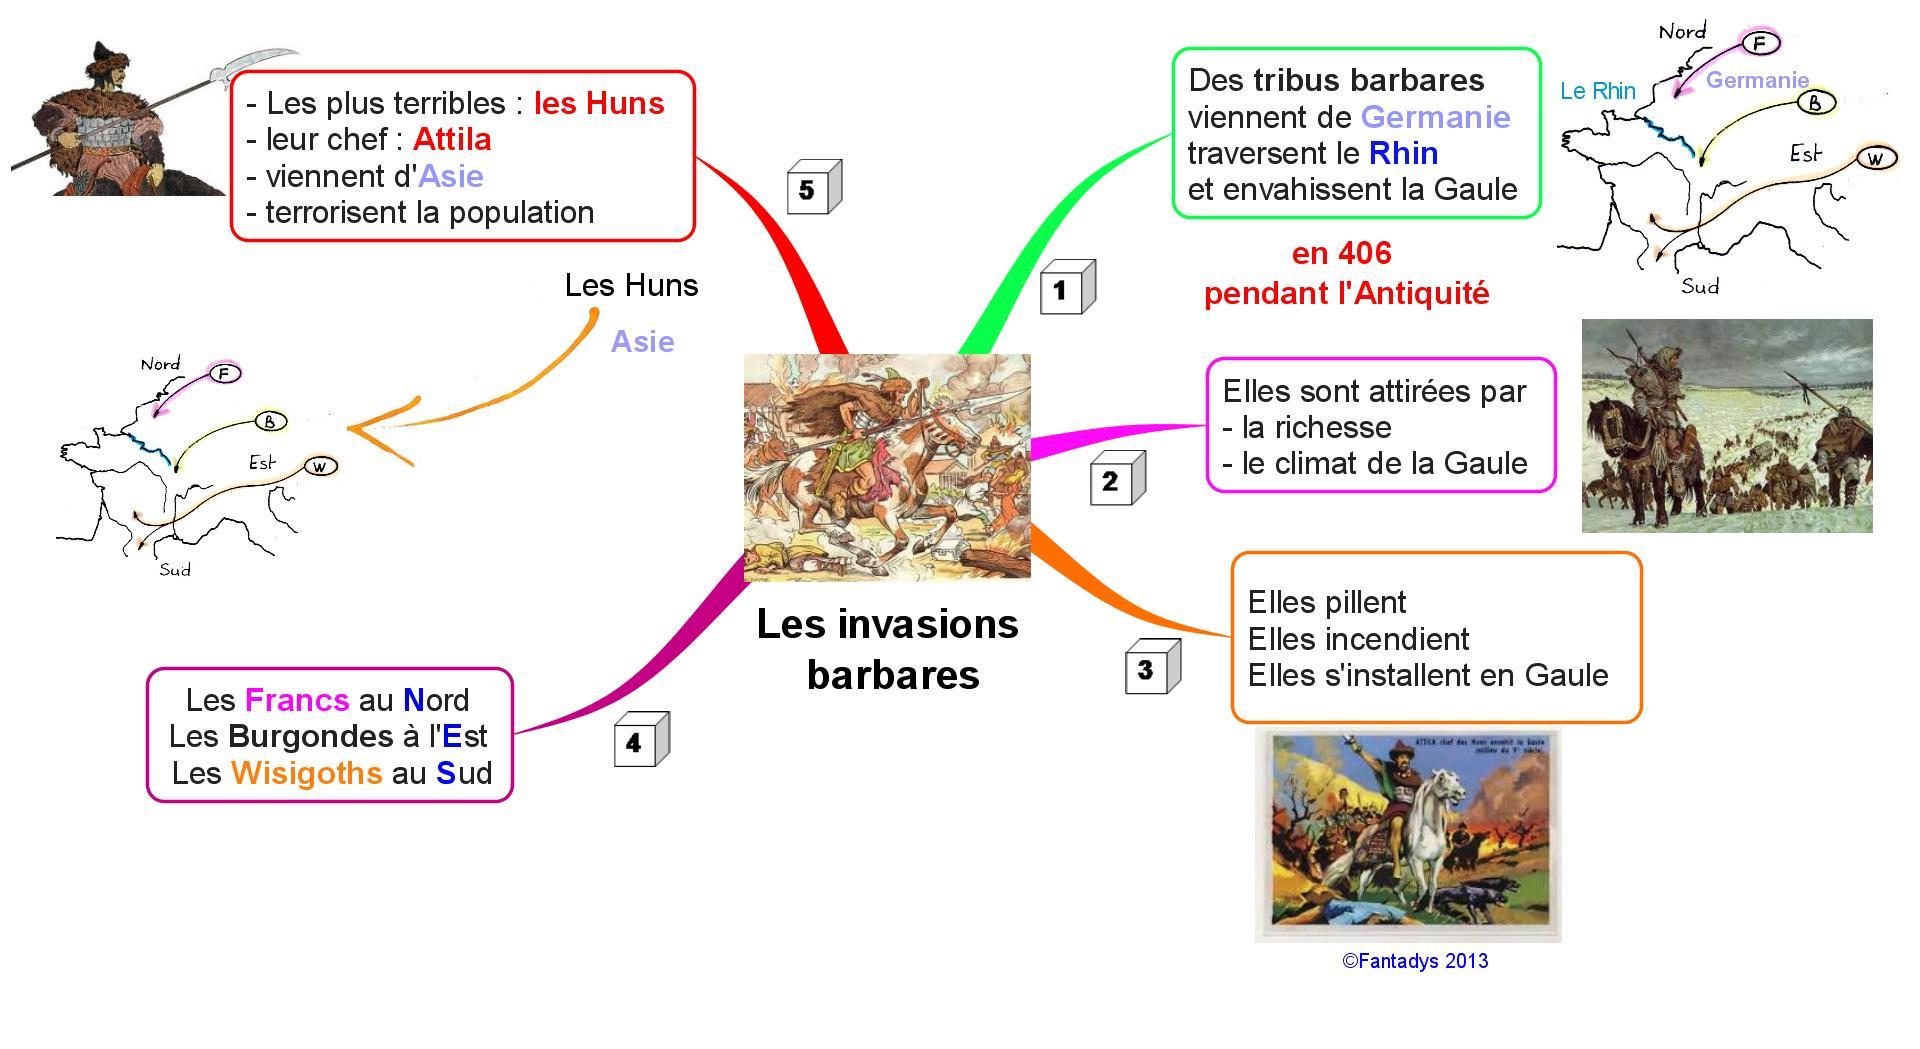 Une carte sur les invasions barbares fantadys - Le grill des barbares ...